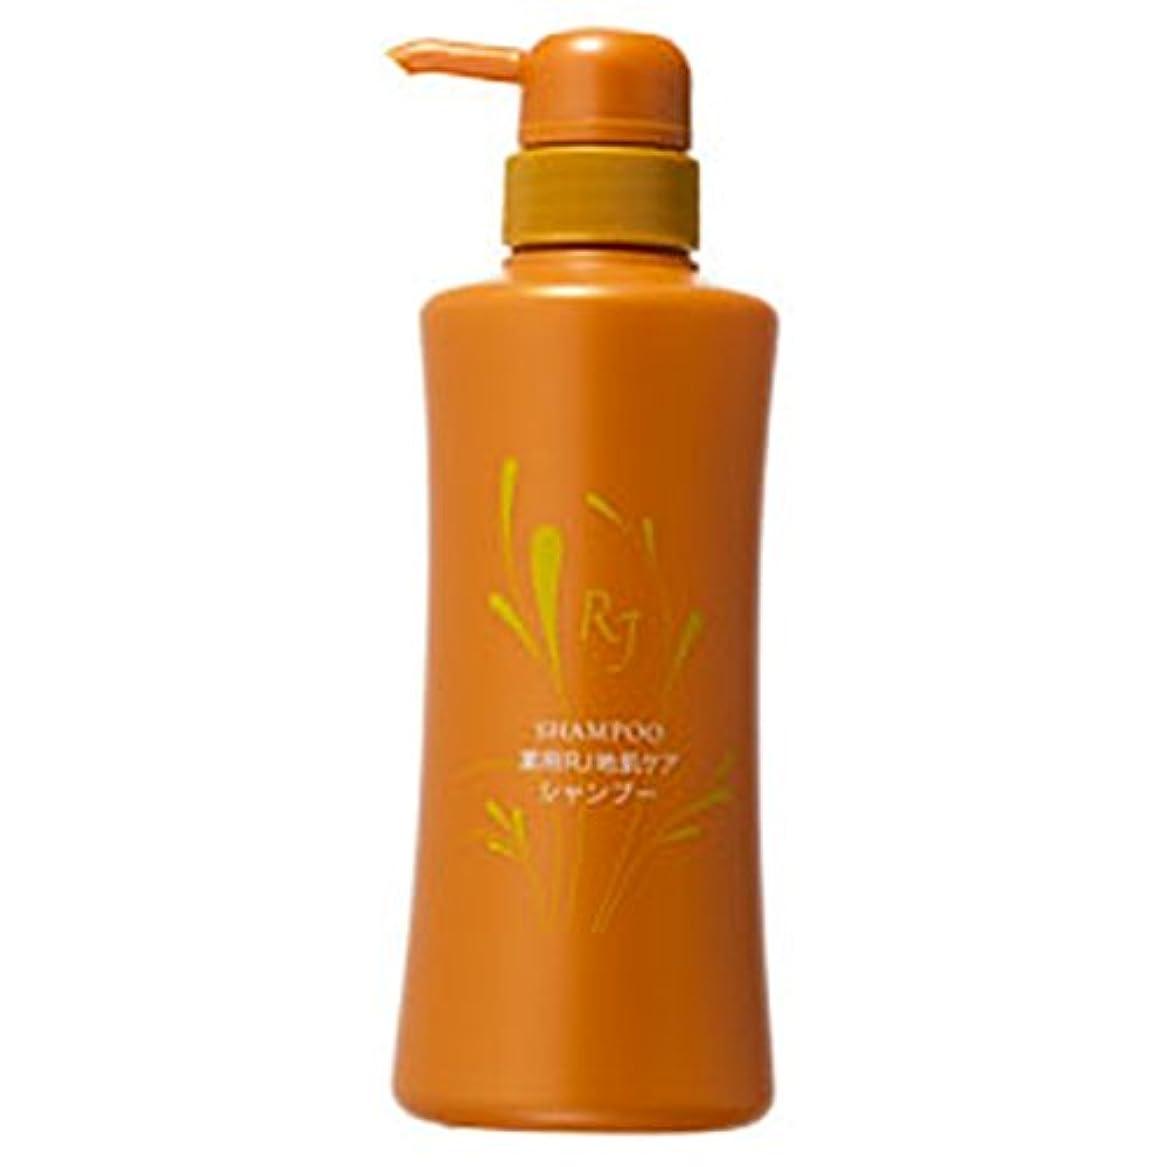 部門強度ロマンス薬用RJ地肌(頭皮) ケア シャンプー 医薬部外品 400ml/ RJ Scalp Care Shampoo <400ml>, medicinal